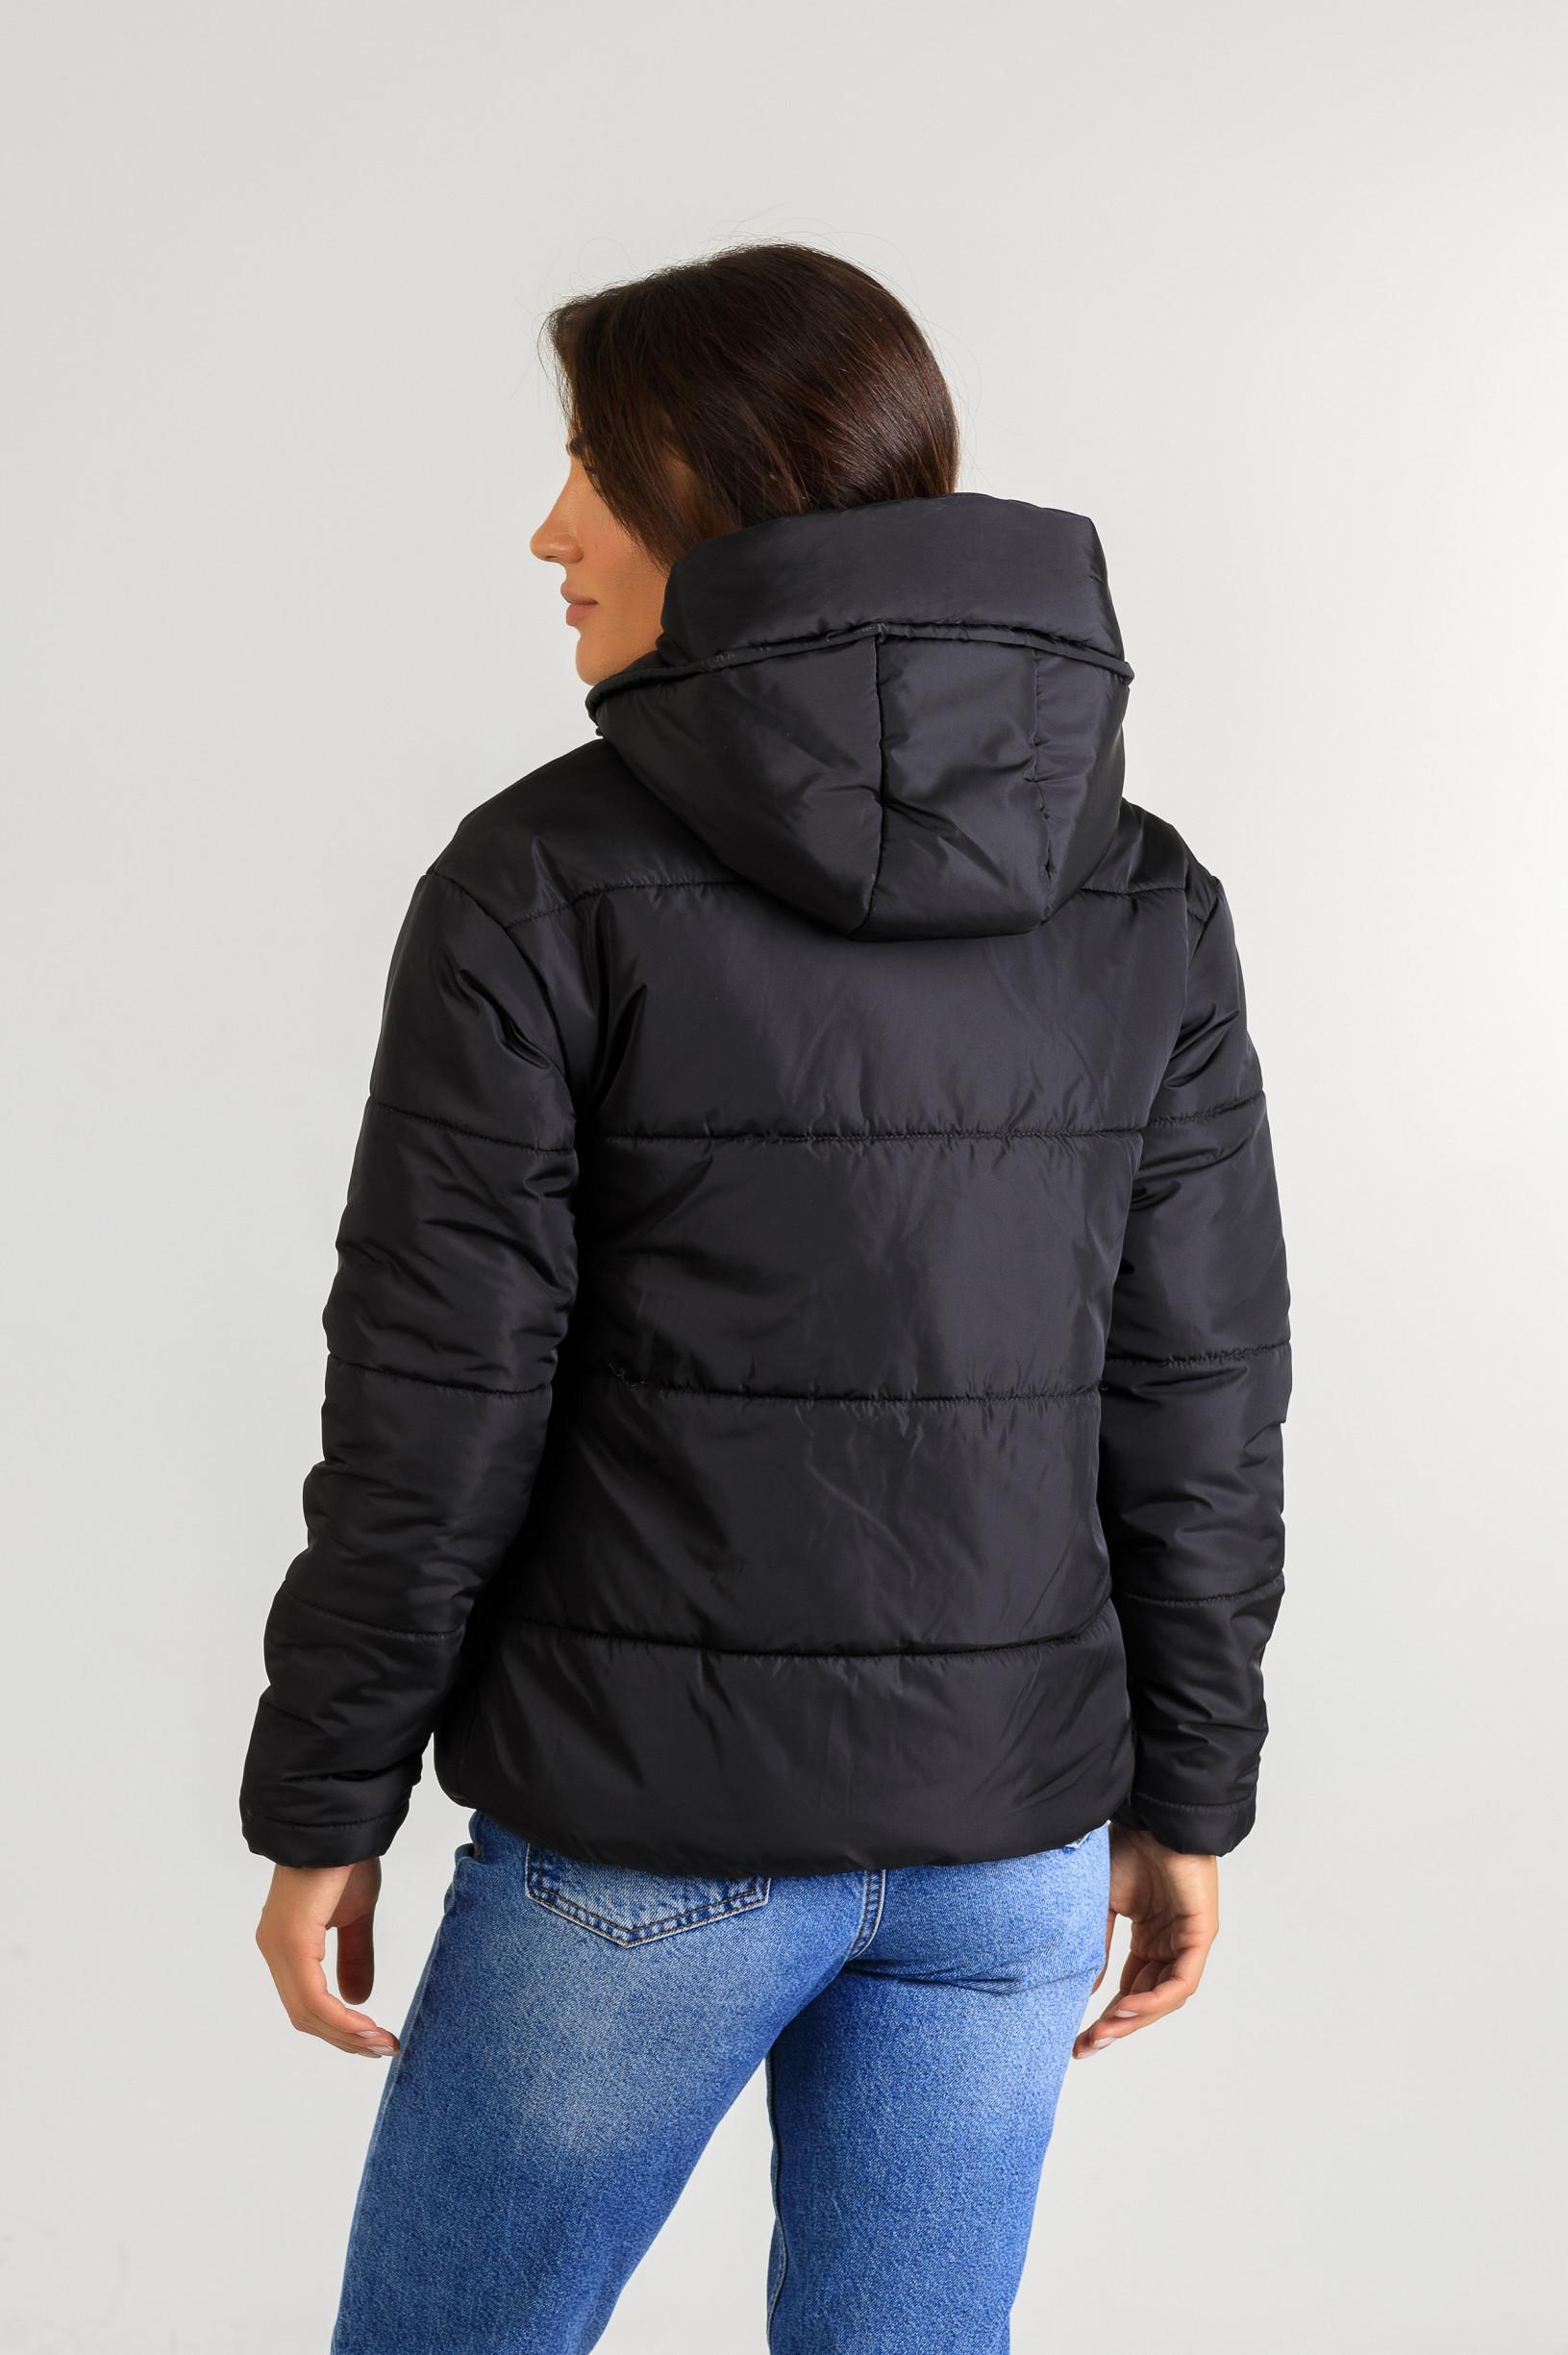 Демисезонная женская стильная куртка Тахо чёрного цвета